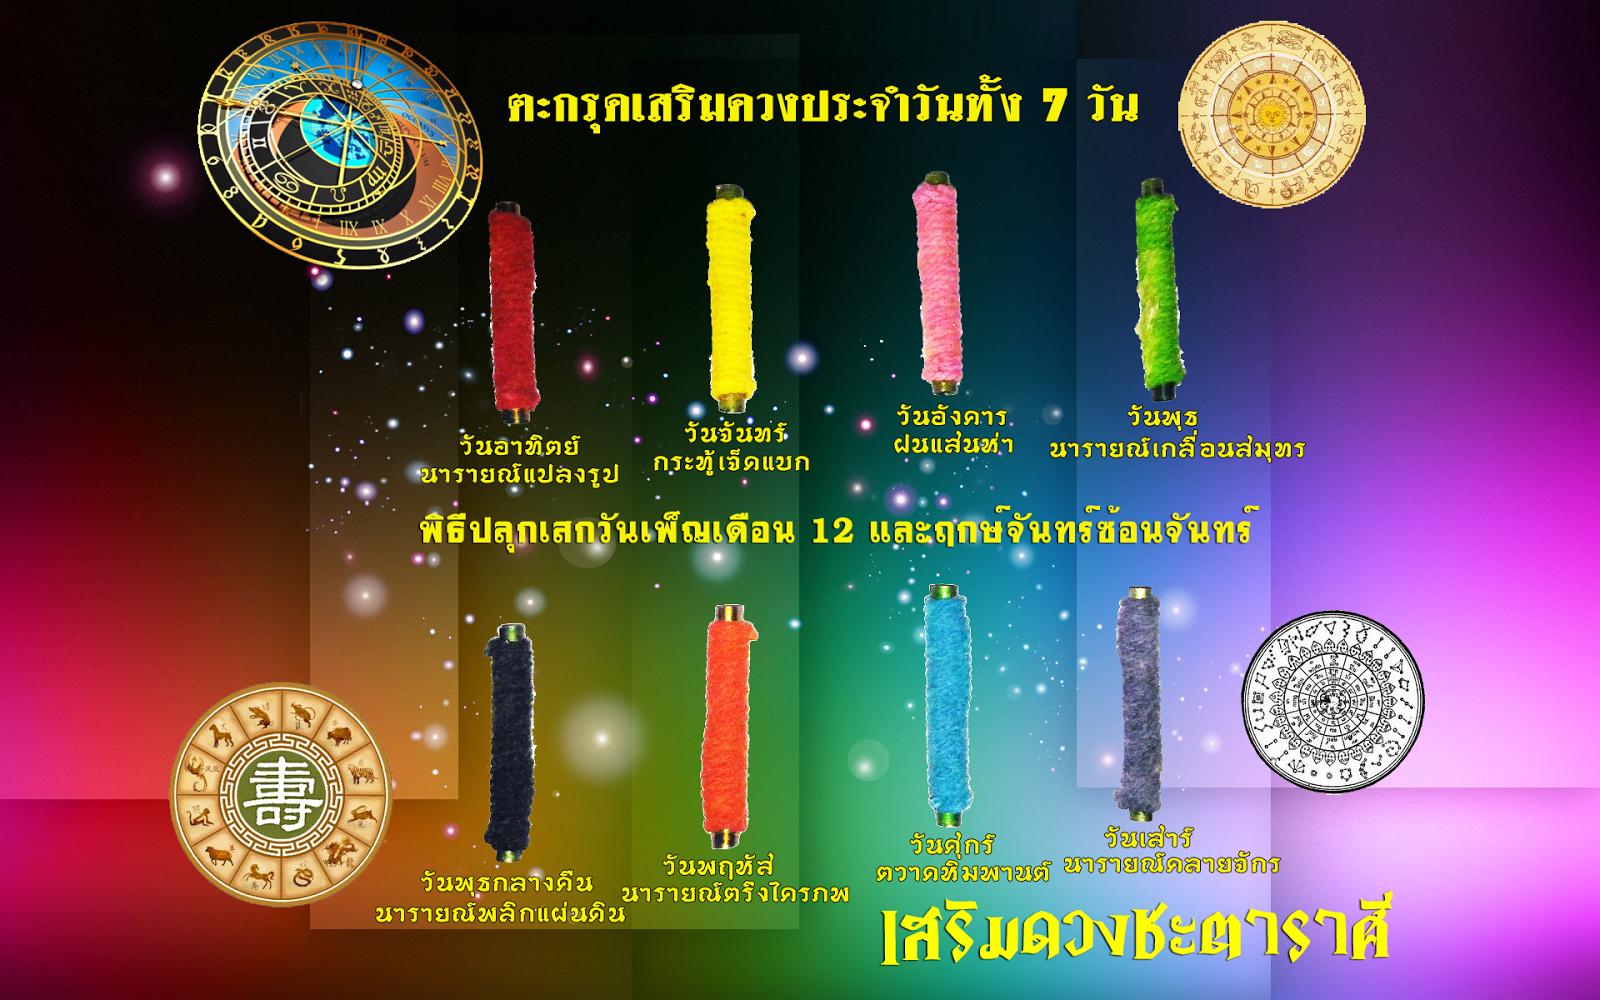 ตะกรุดเสริมดวงประจำวันทั้ง 7 วัน พิธีปลุกเสกวันเพ็ญเดือน 12 และฤกษ์จันทร์ซ้อนจันทร์ ปี 2559